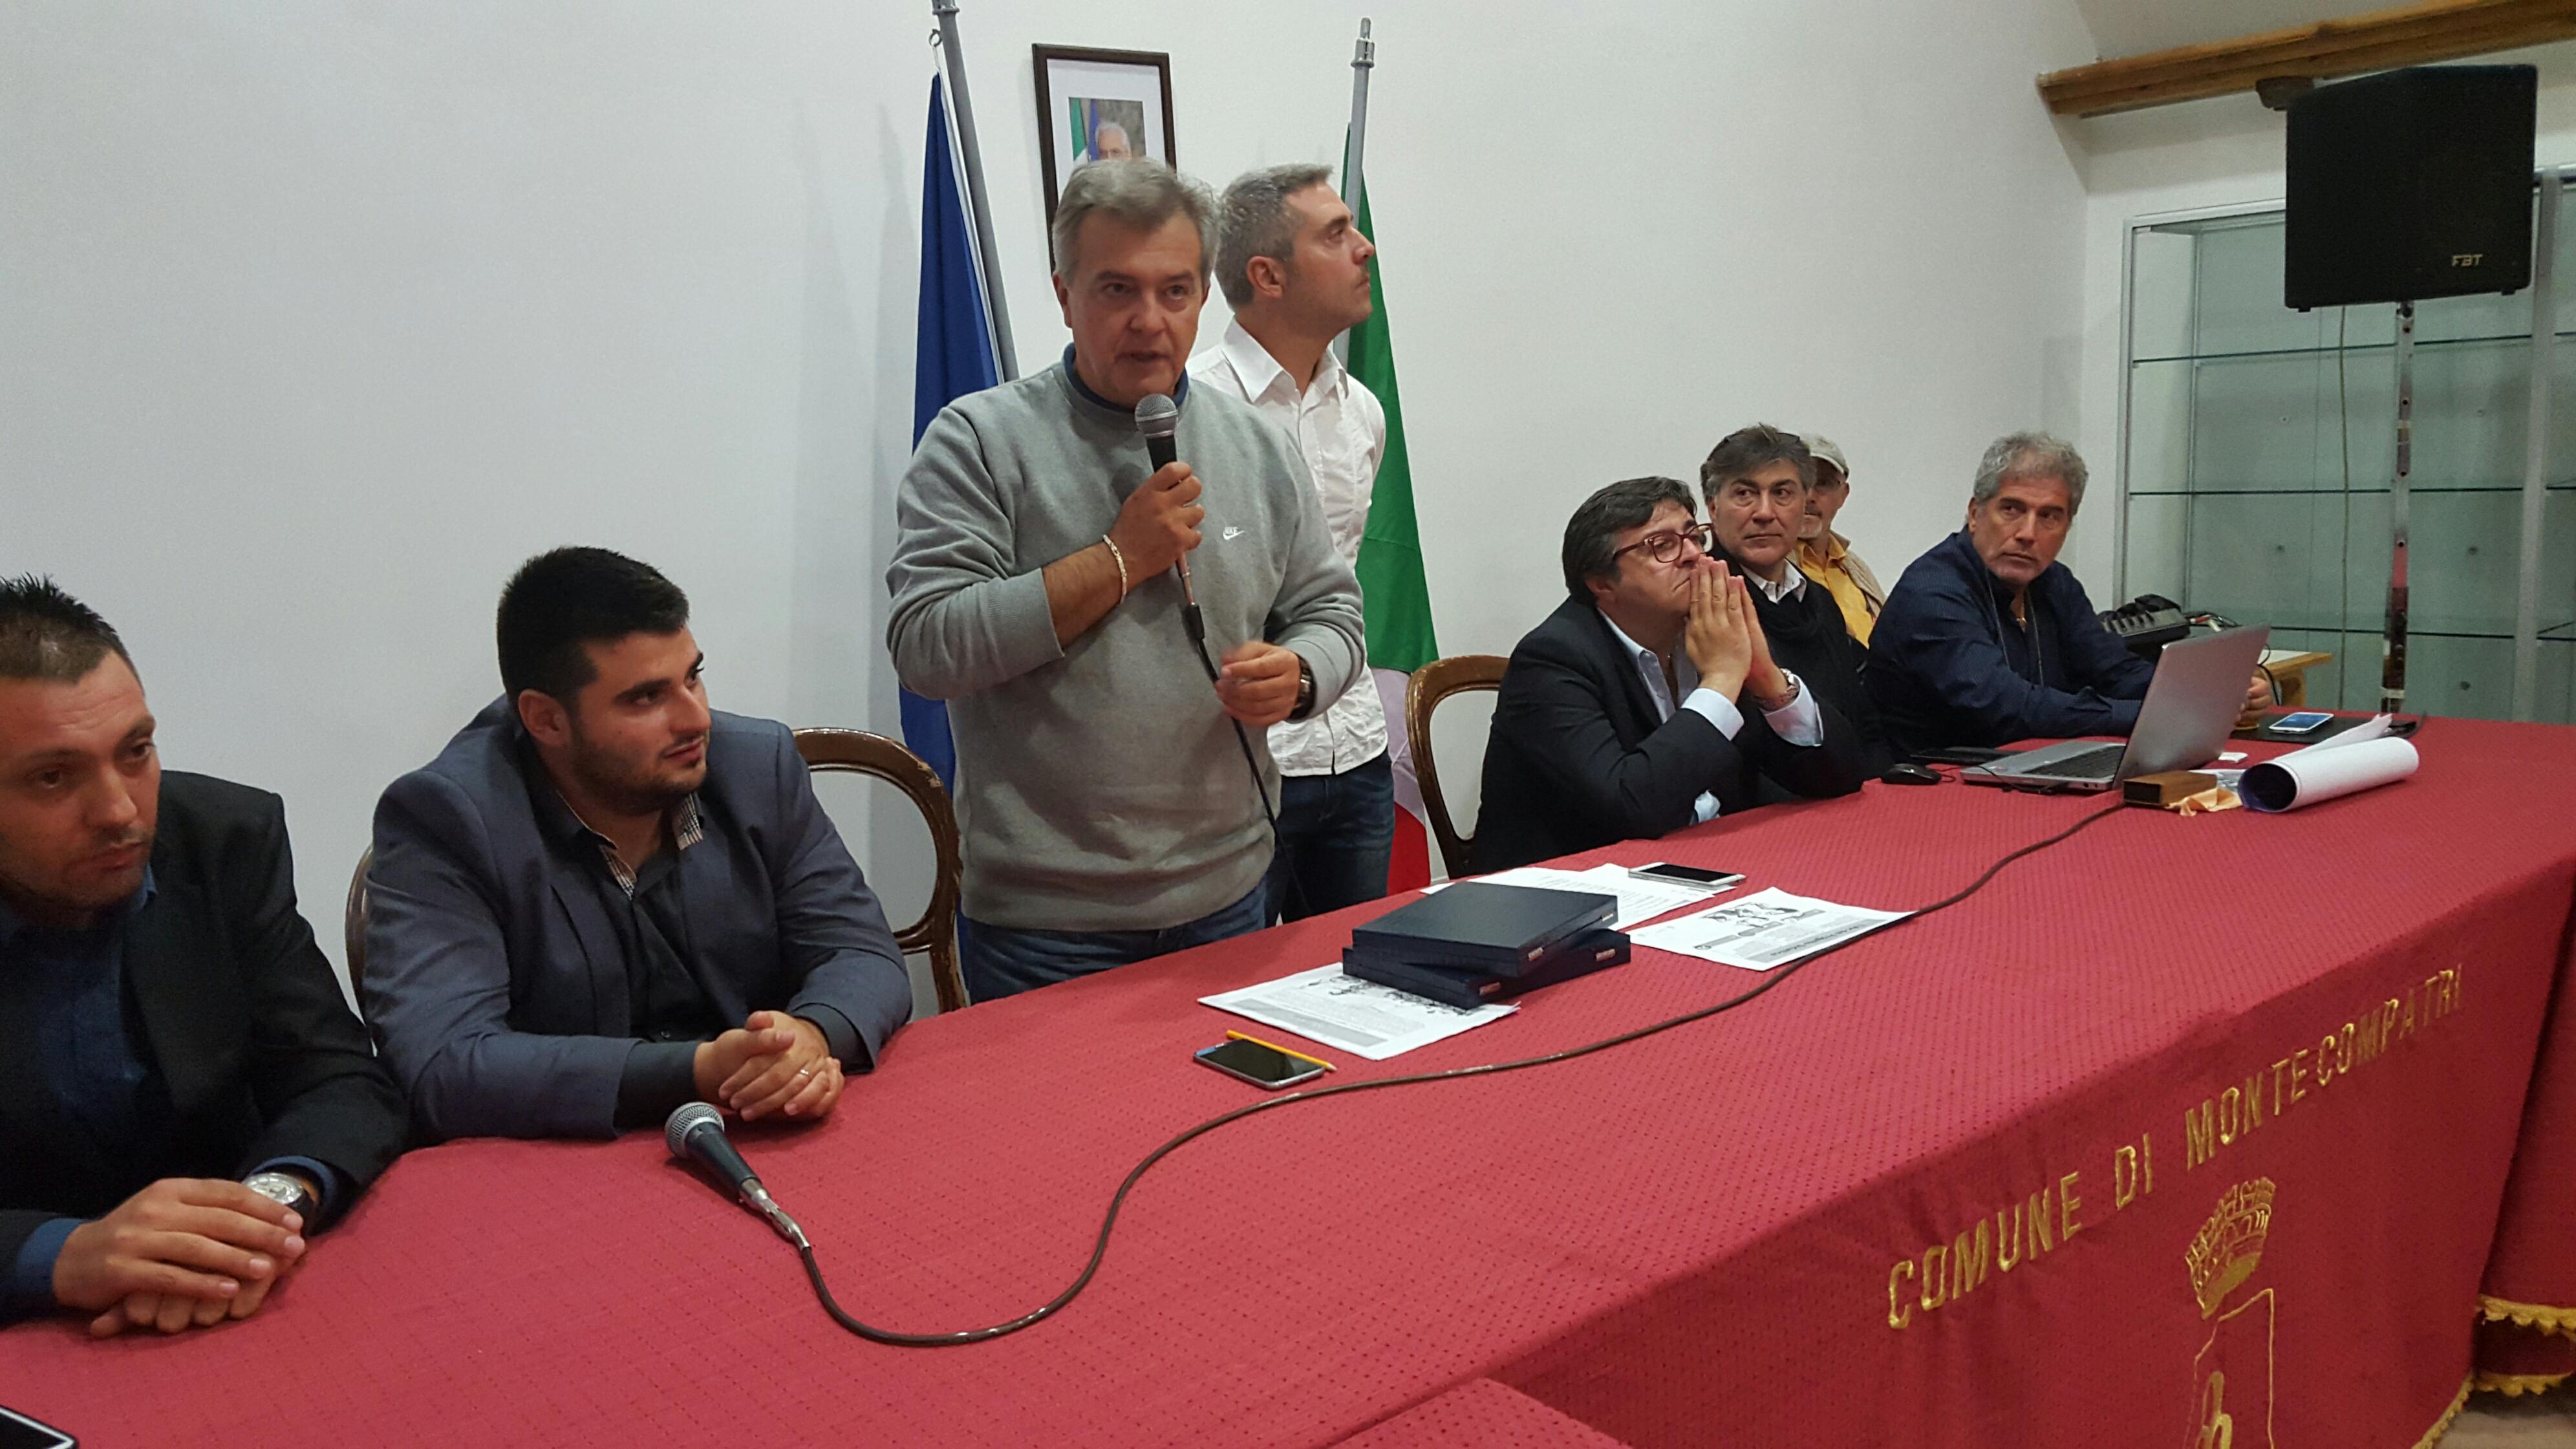 Calcio, presentata l'Academy football club di Monte Compatri: siglato l'accordo con il Frosinone